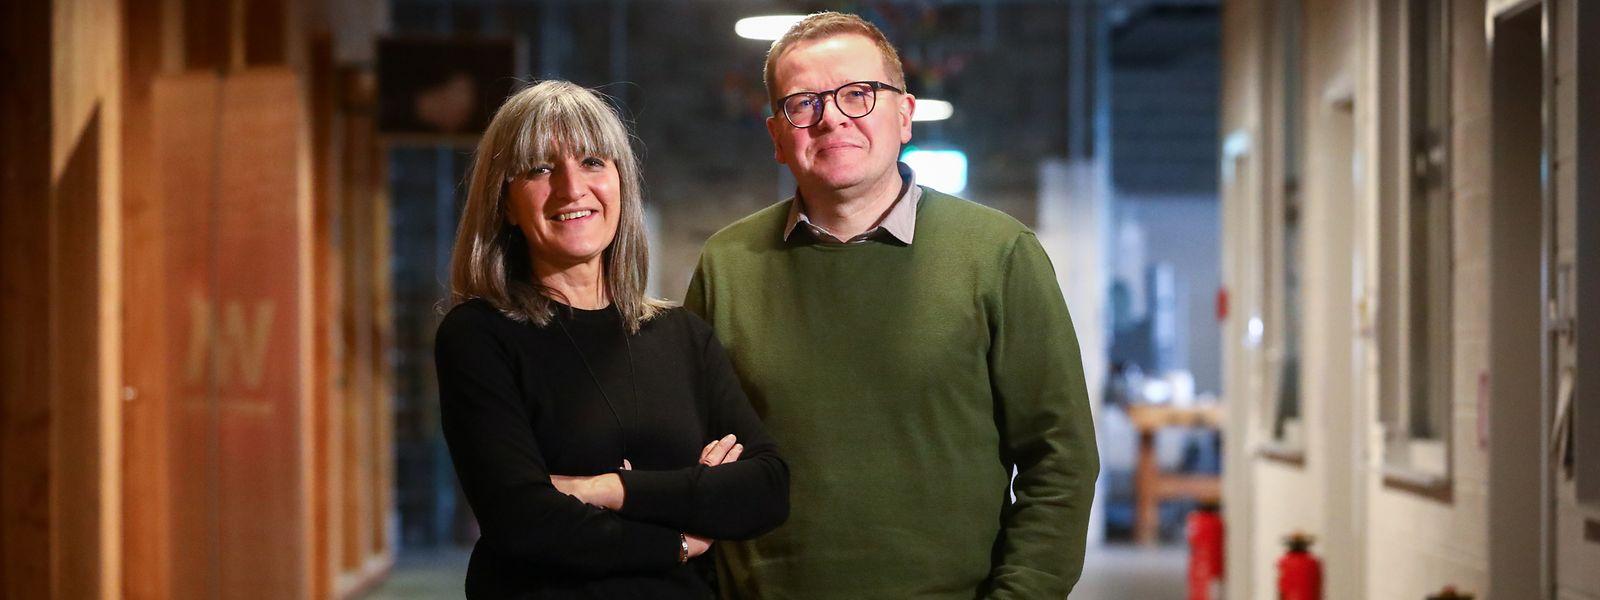 Nancy Braun et Christian Mosar, le nouveau duo à la tête de Esch 2022.